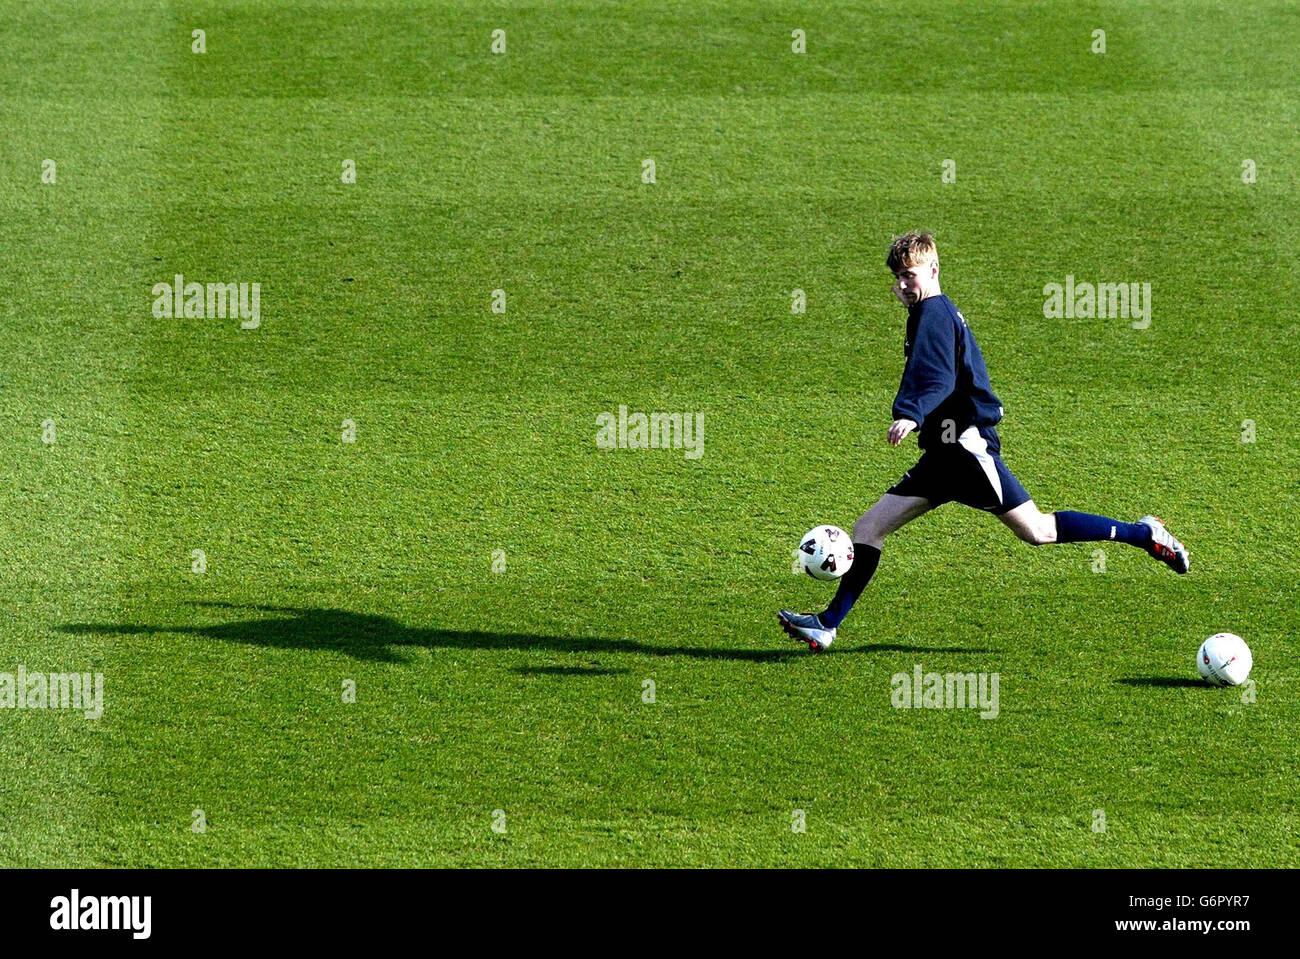 Scotland training session - Stock Image